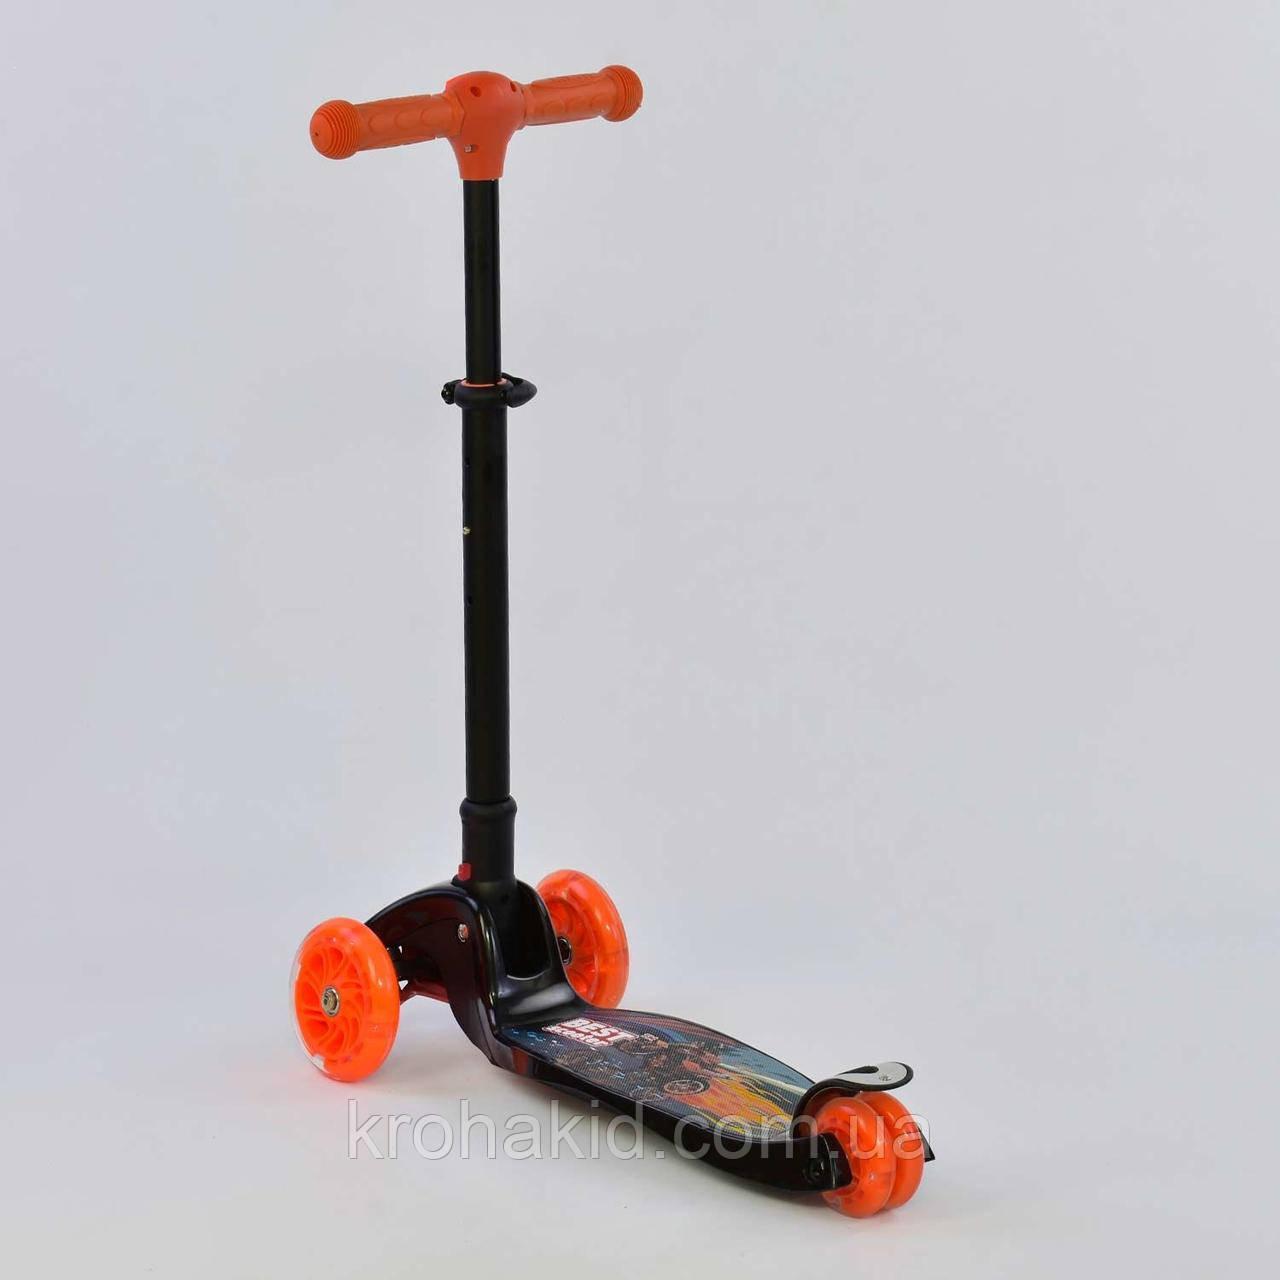 Самокат С 42300 Best Scooter СКЛАДНОЙ С ФАРОЙ, 4 колеса PU со светом, d=12 см